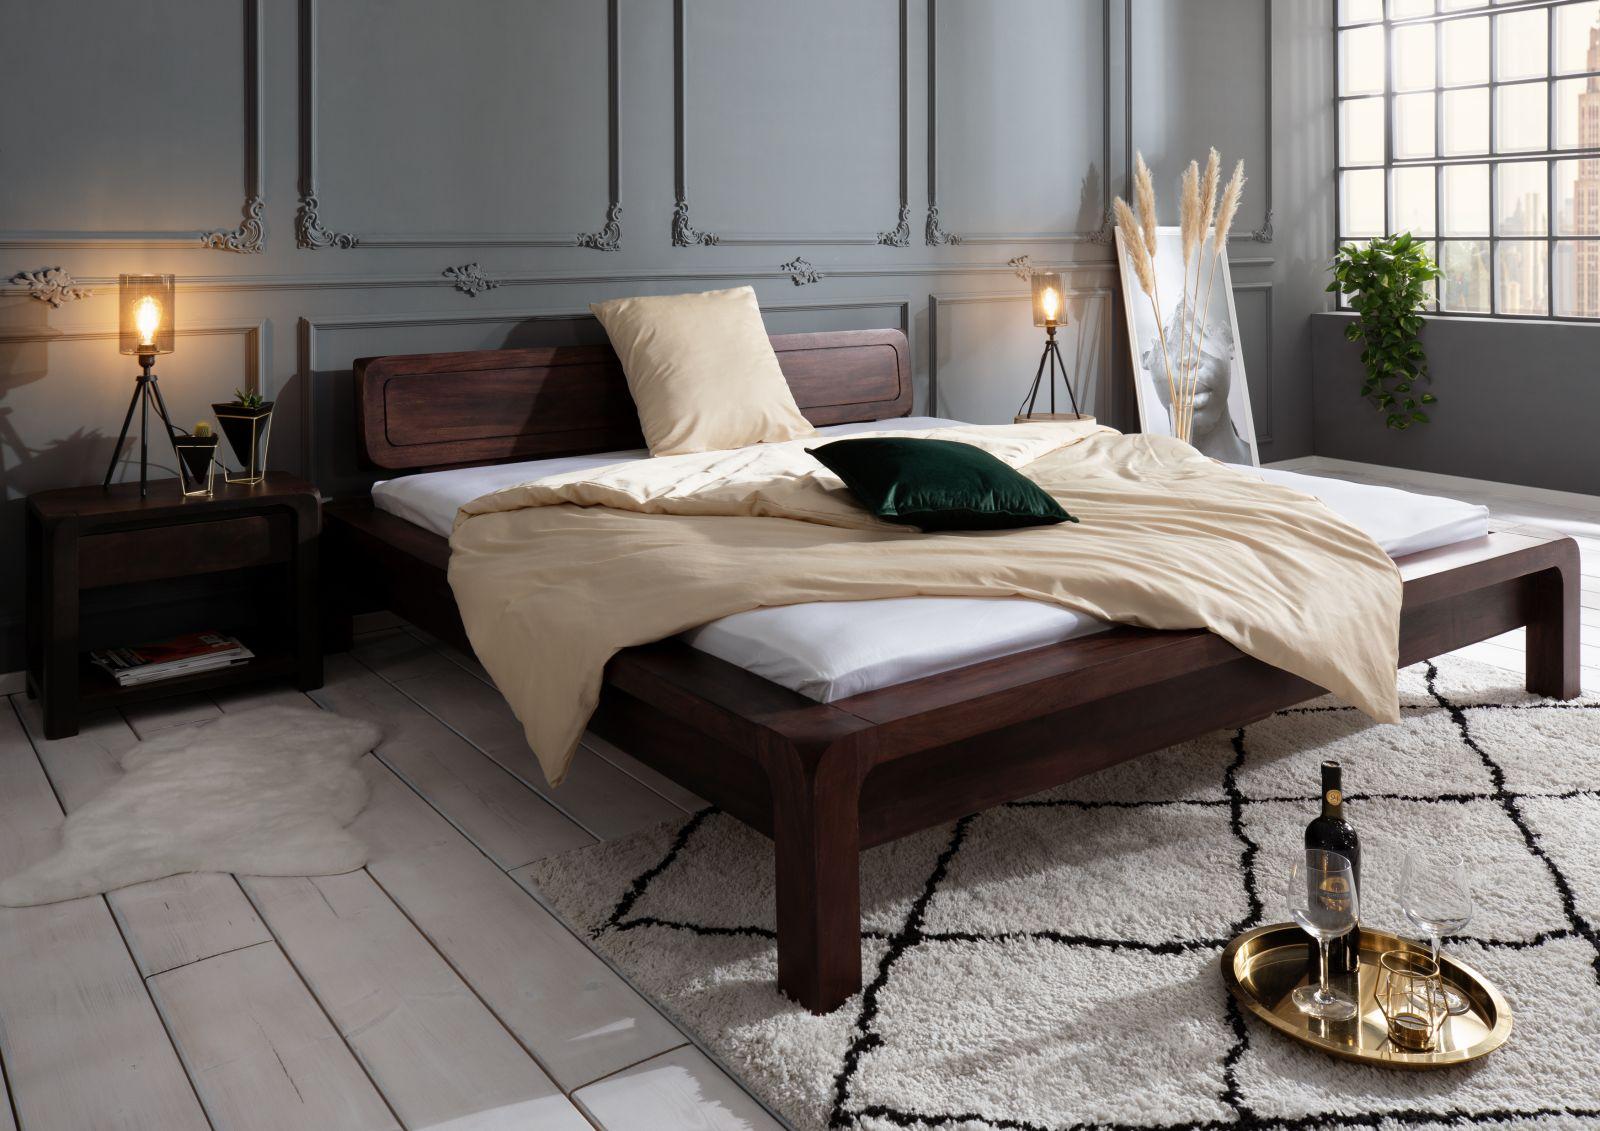 Full Size of Bett Modern Aus Akazie Holz Gelt Grau Betten Mit Schubladen Test Kinder Runder Esstisch Ausziehbar Rauch 180x200 Günstige 200x220 Ikea 160x200 100x200 Bei Bett Runde Betten